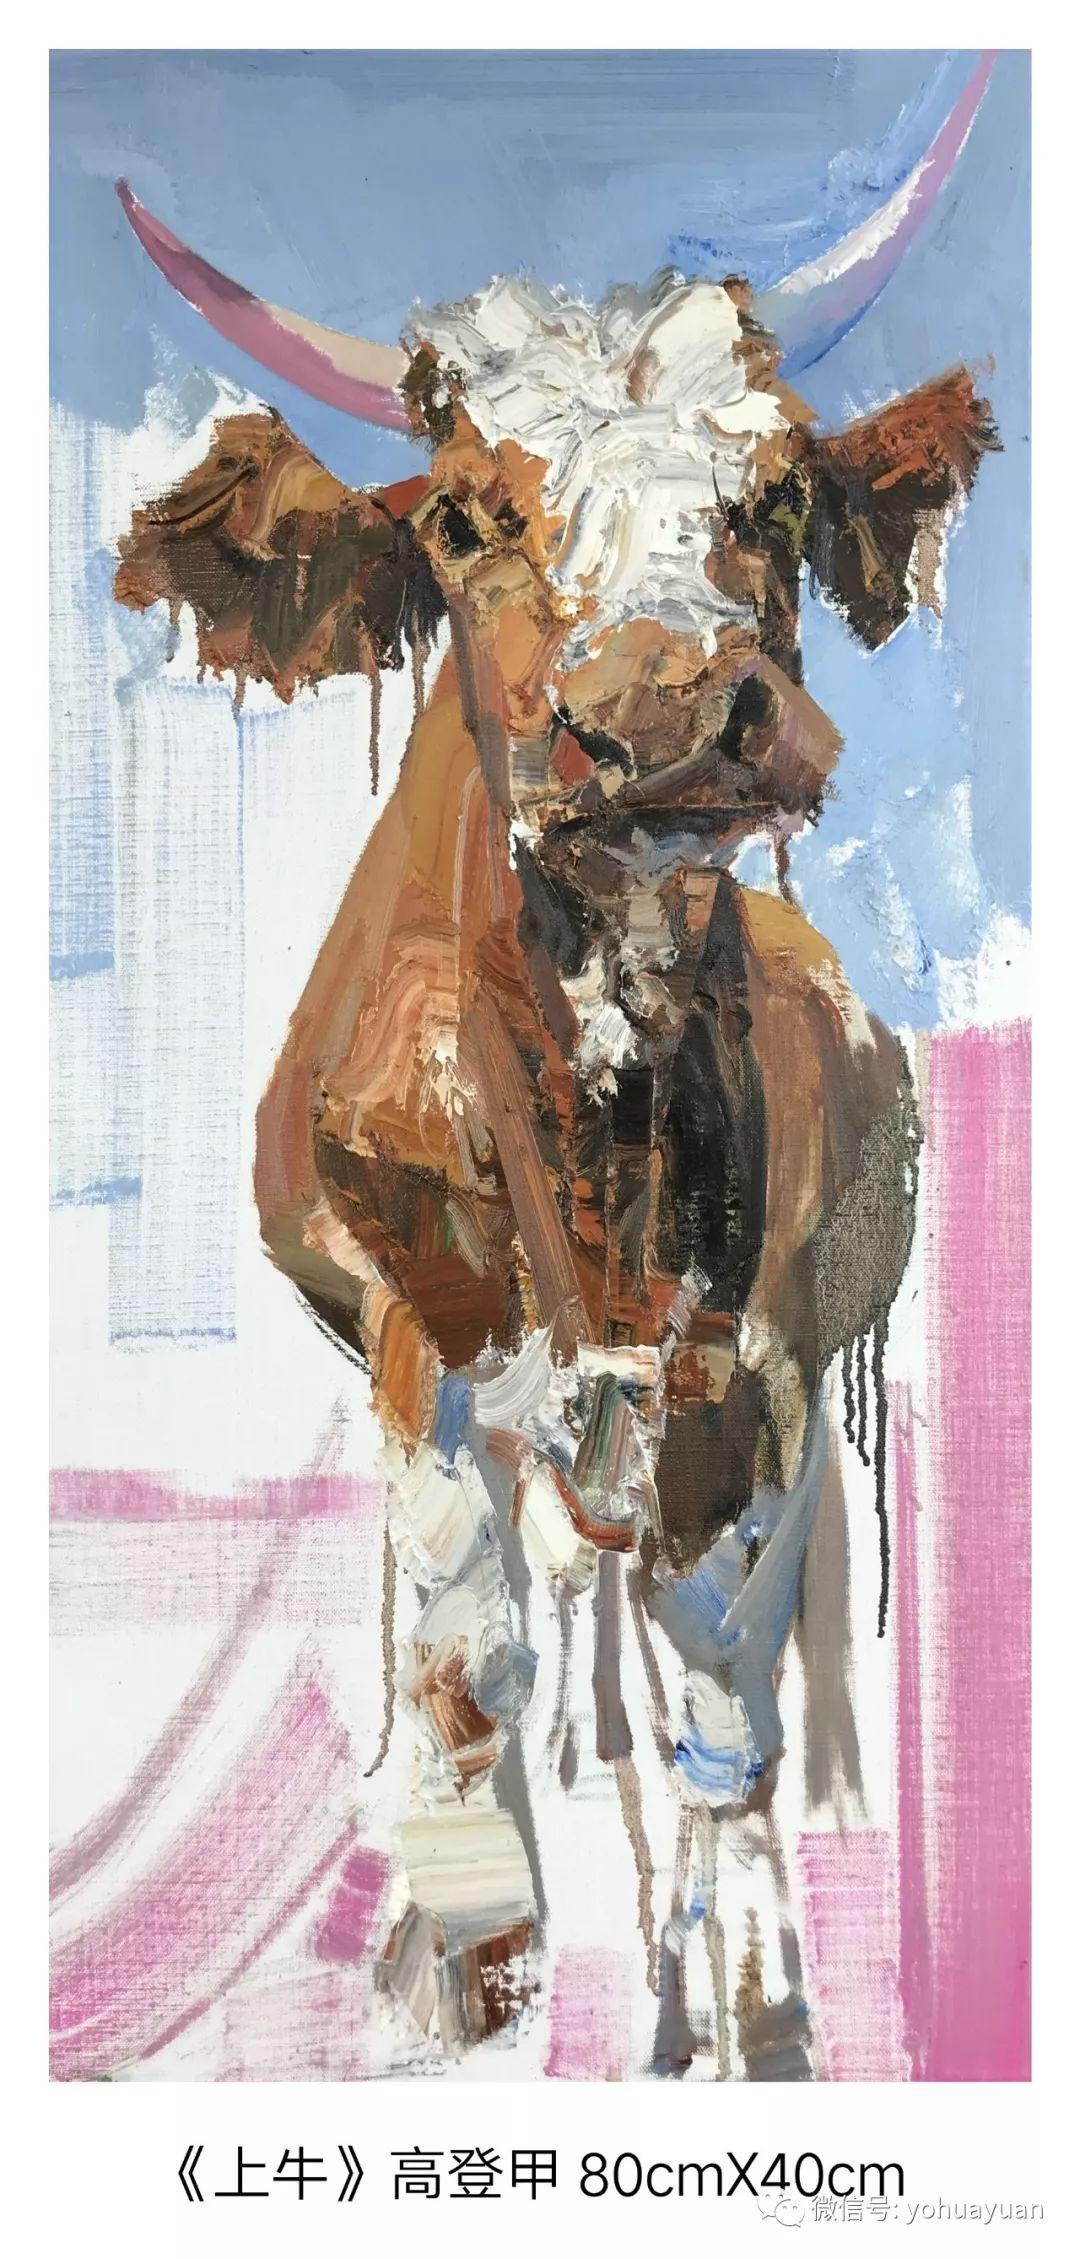 油画作品拍卖(内蒙古草原写生) 第5张 油画作品拍卖(内蒙古草原写生) 蒙古画廊